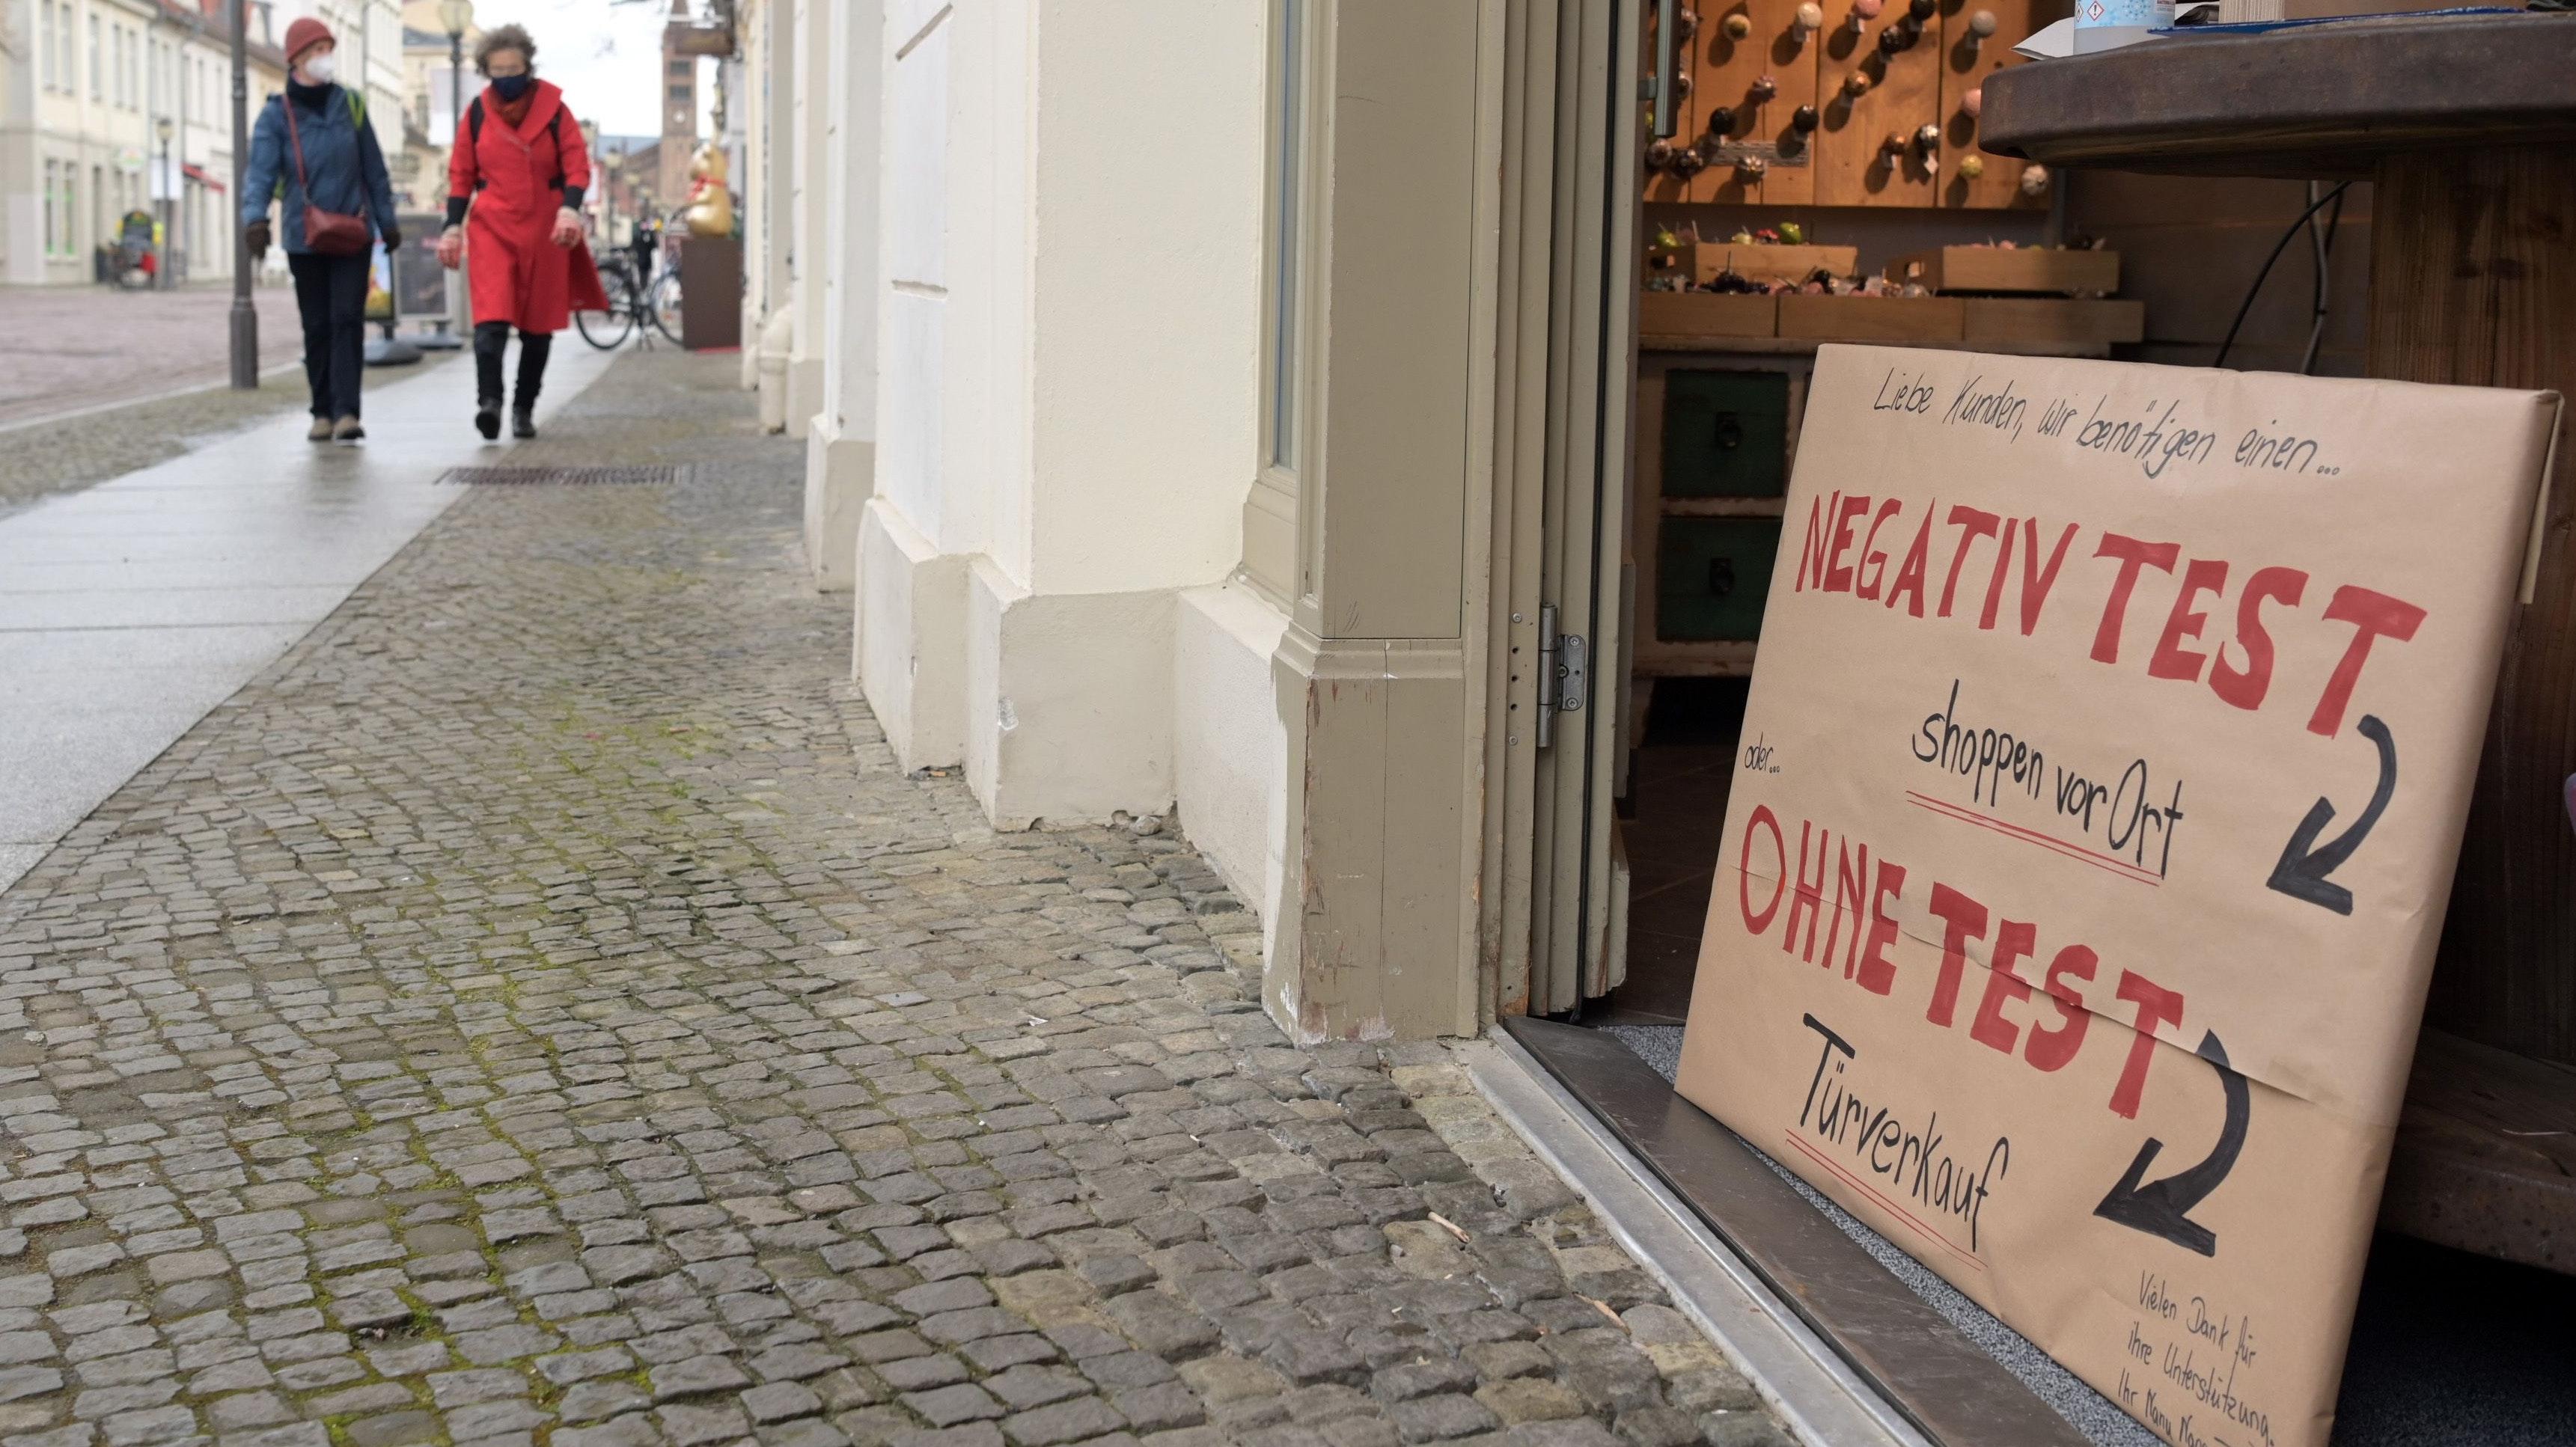 Test als Tagesausweis: Friesoythes Bürgermeister würde die Stadt gerne zur Modellkommune wie etwa Tübingen machen. Dort ist Einkaufen vor Ort mit einem tagesaktuellen negativen Coronatest möglich. Symbolfoto: dpa/Soeren Stache